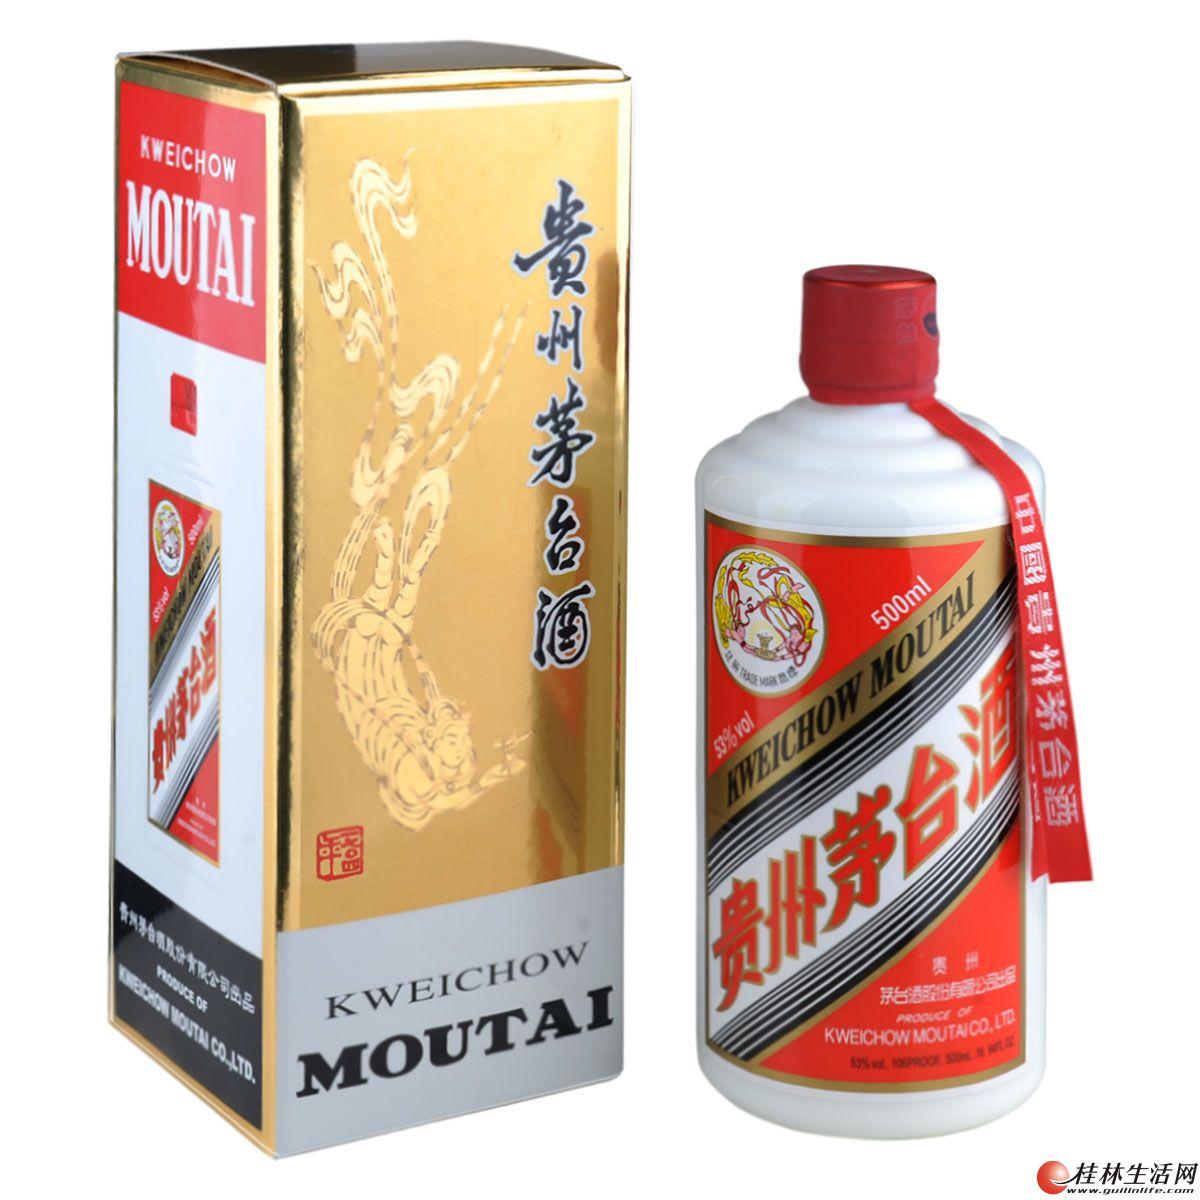 桂林回收53度飞天茅台酒,回收43度茅台,收购38度贵州茅台酒